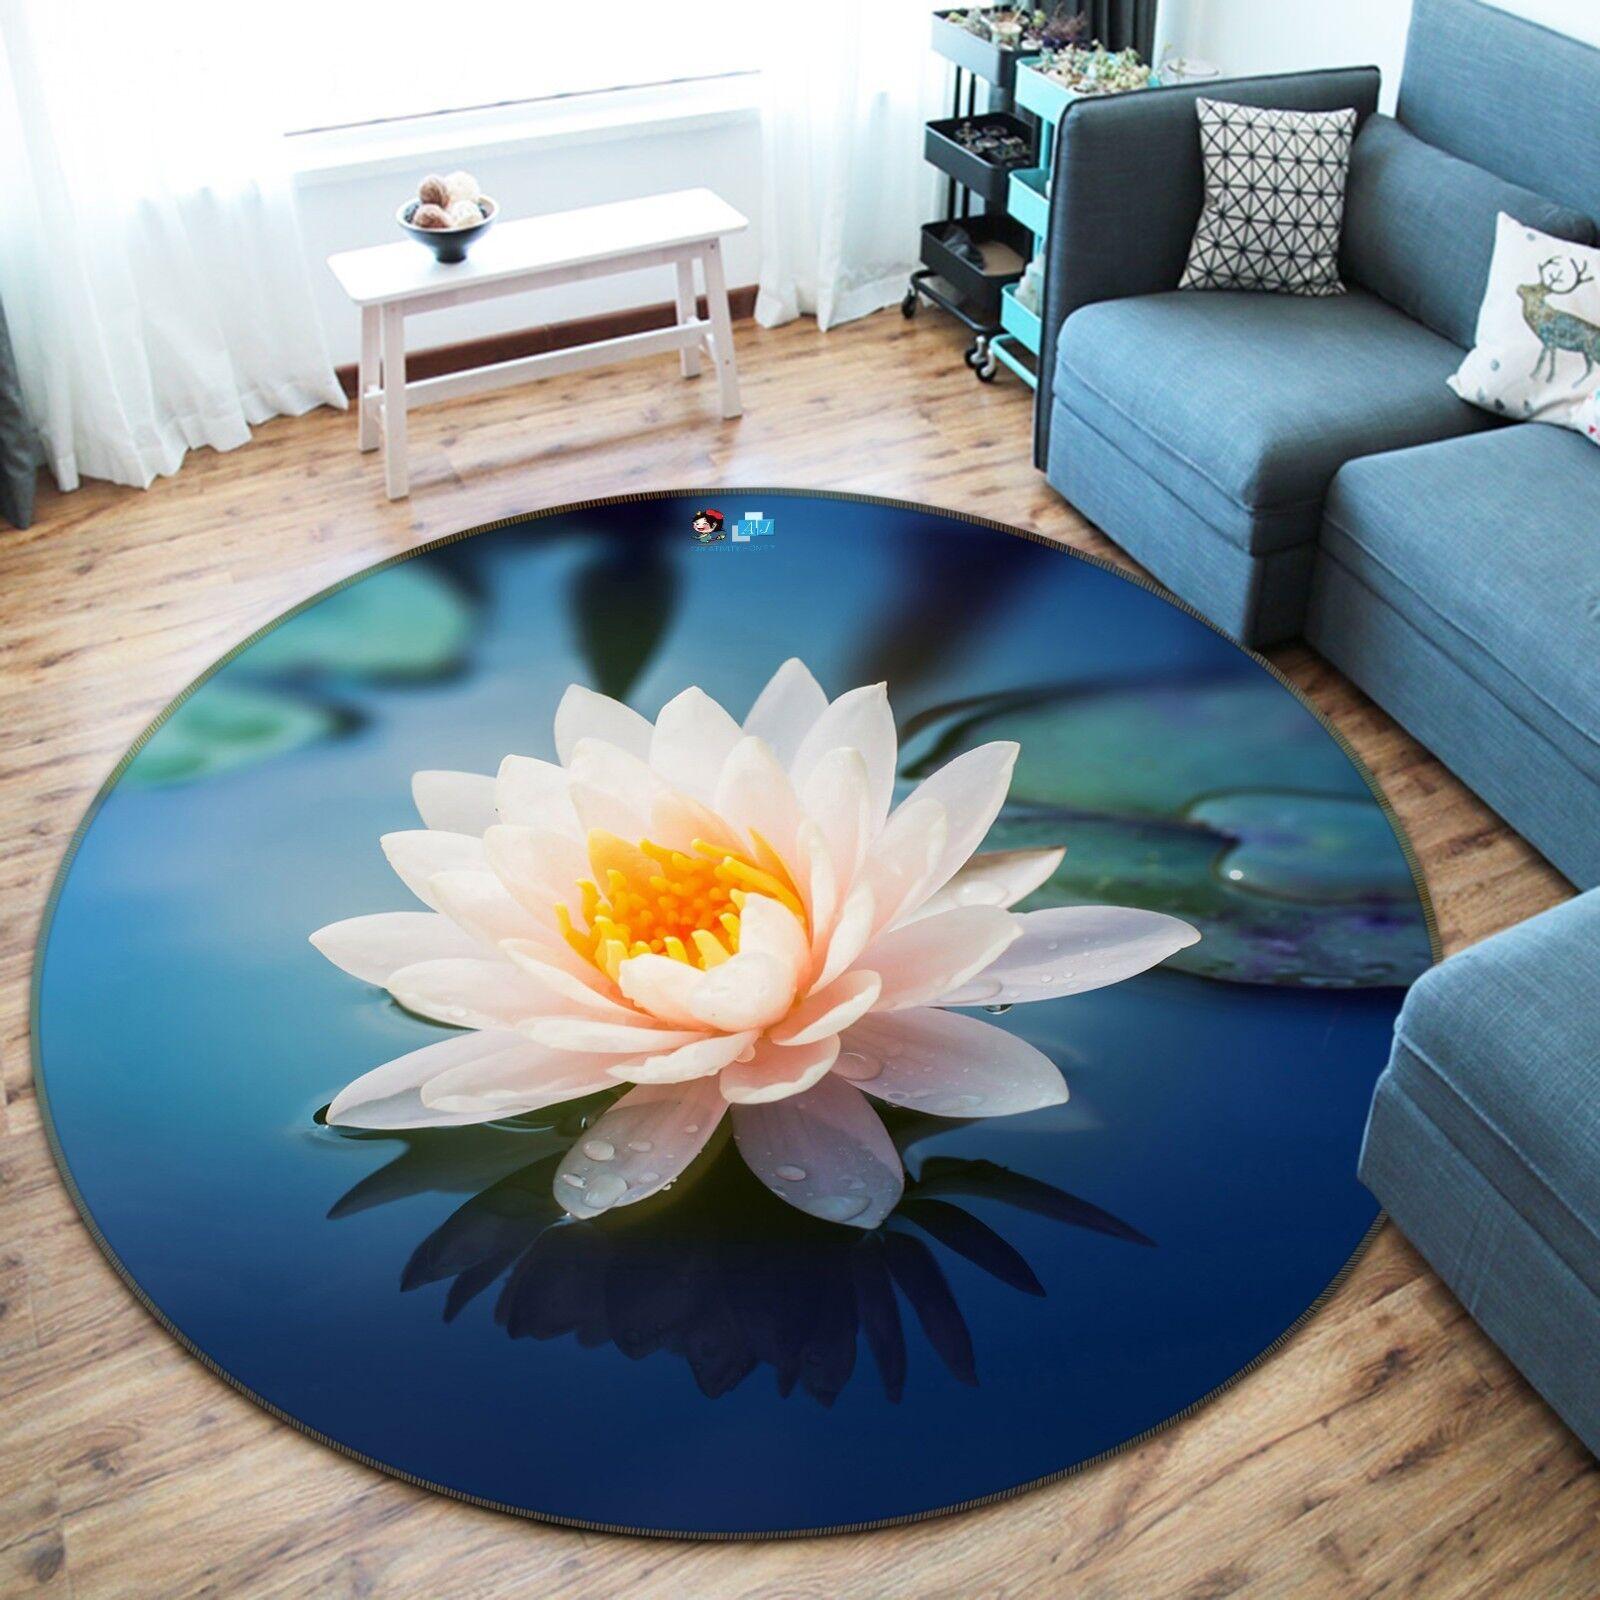 3D Lotus River 9 Non Slip Rug Mat Room Mat Round Quality Elegant Photo Carpet US